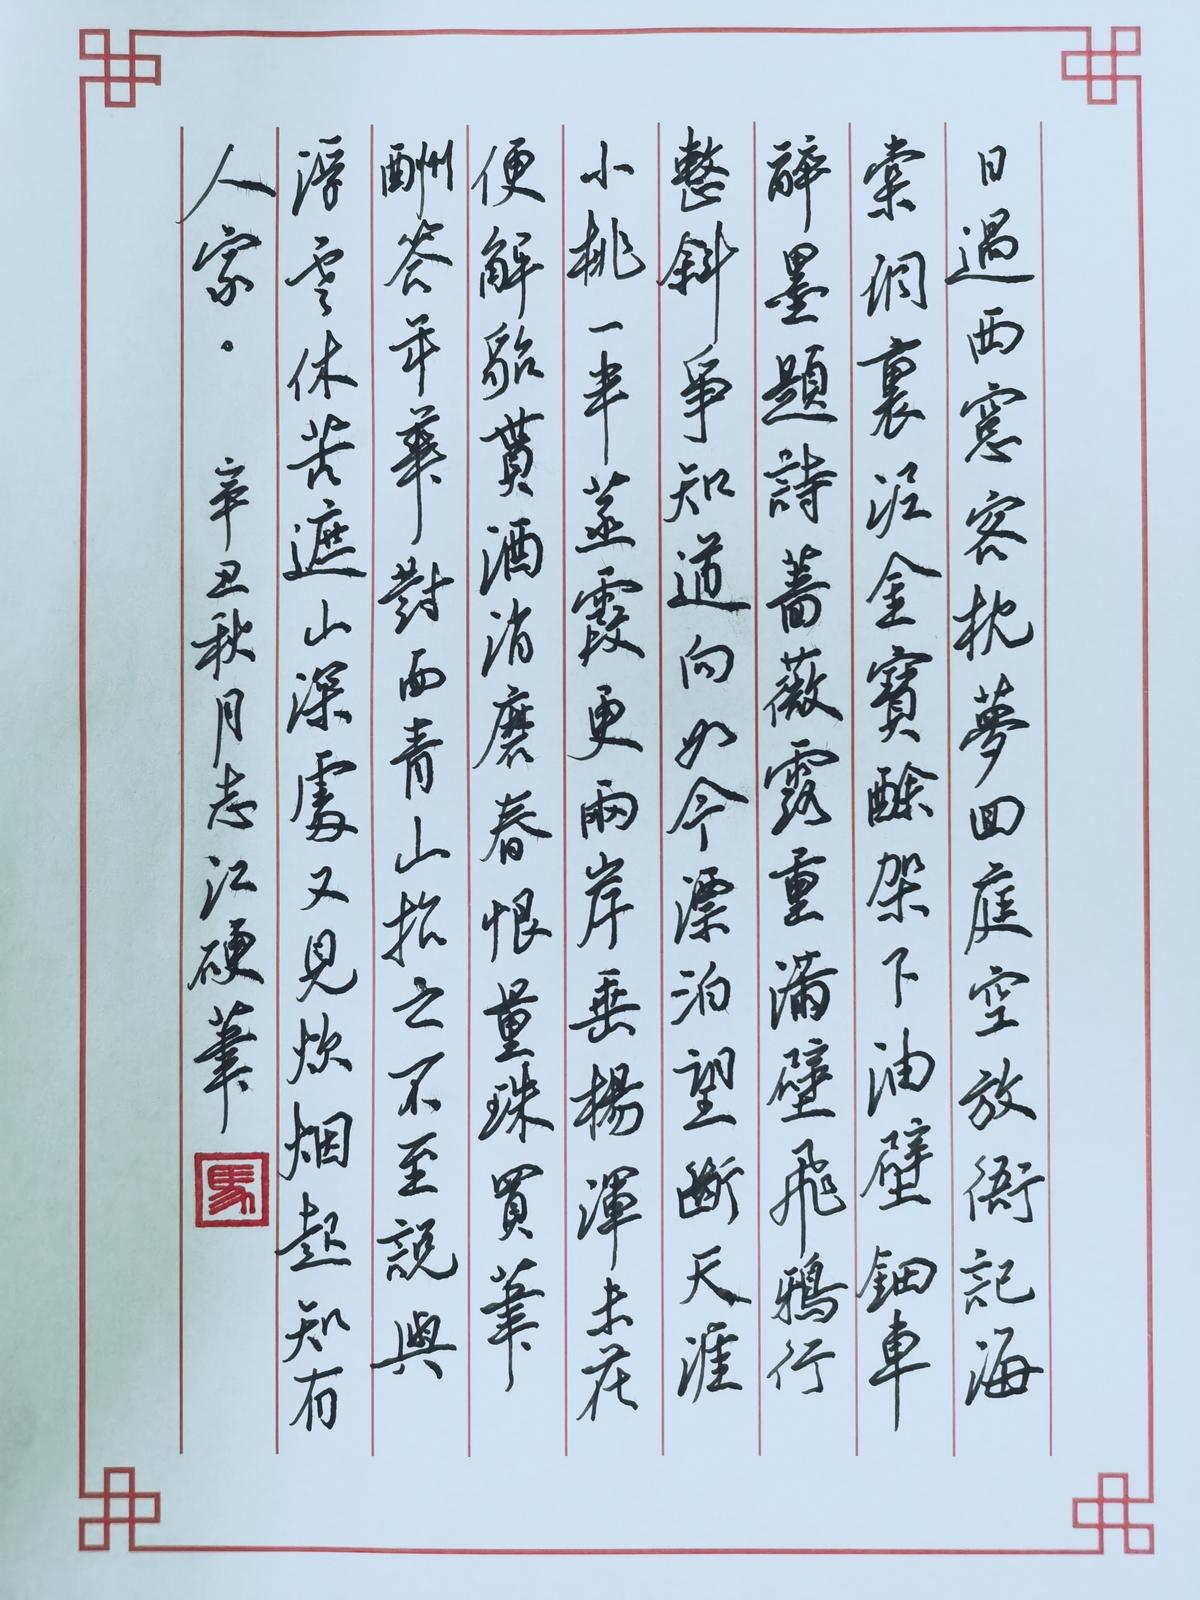 蔡师点评:黄机《沁园春》钢笔字练字打卡作业欣赏05